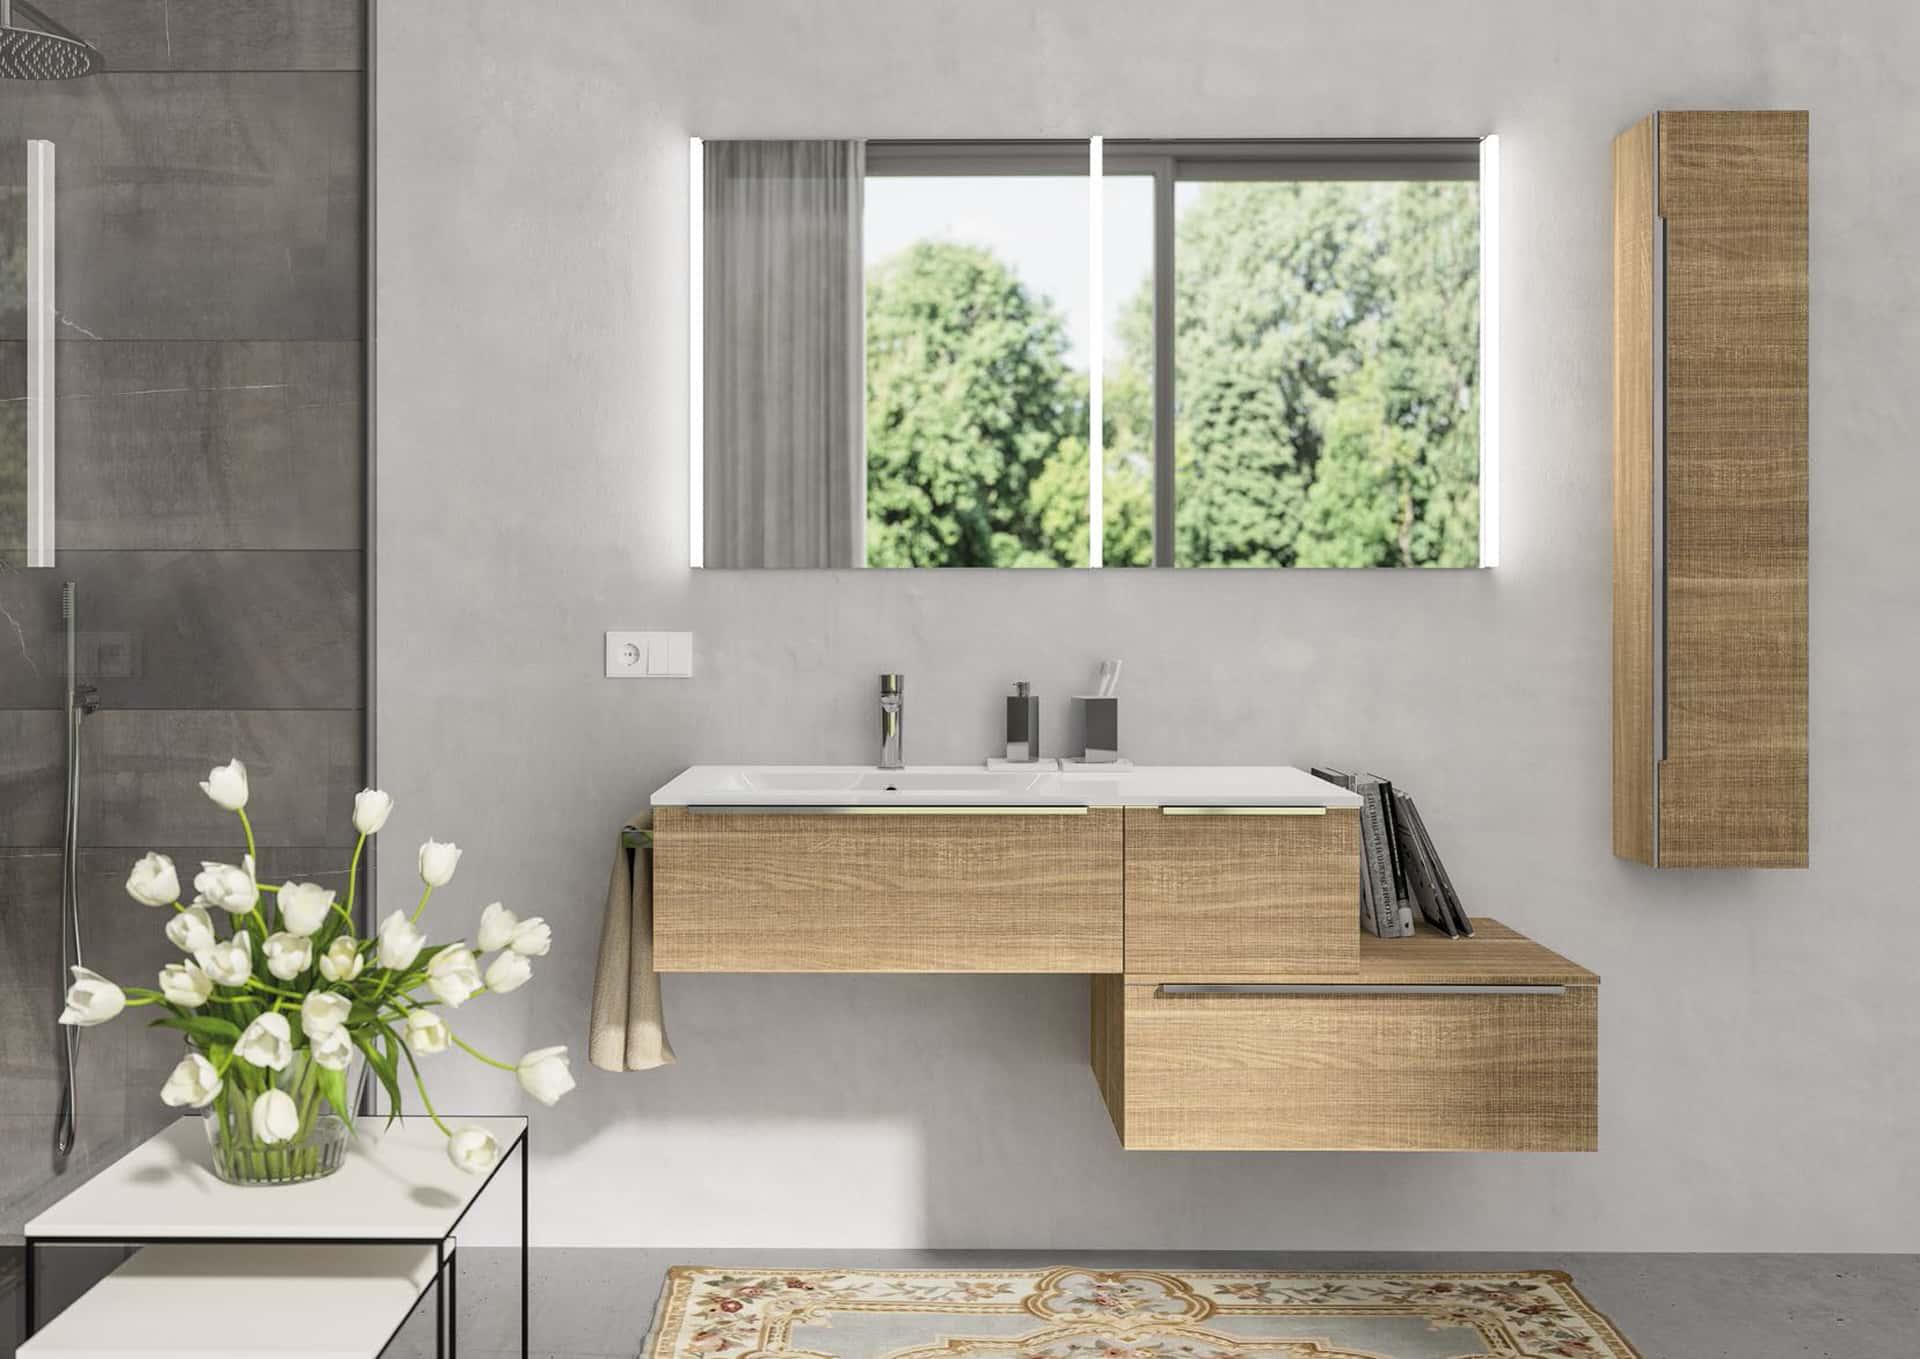 Mobili per il bagno manhattan di berloni bagno for Mobili per arredare il bagno